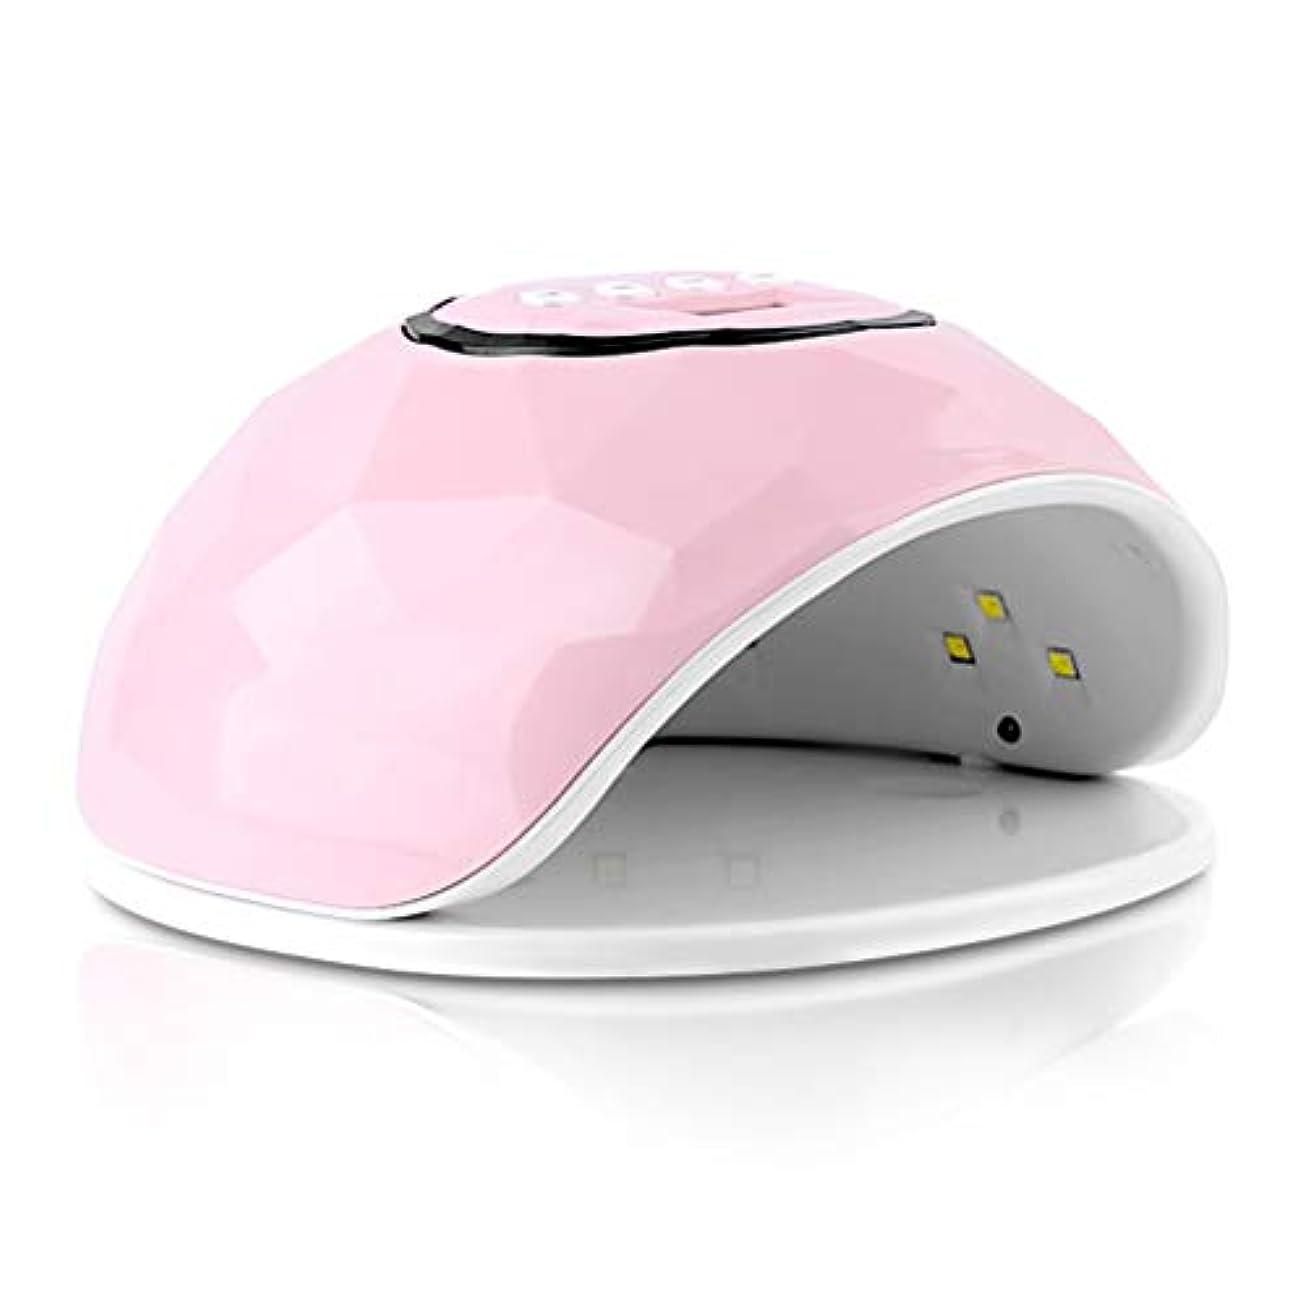 チャレンジ現金回るネイルランプ72Wネイル光線療法ランプ速乾性インテリジェント誘導マニキュアグルーベーキングランプLEDドライヤー (Color : Pink)